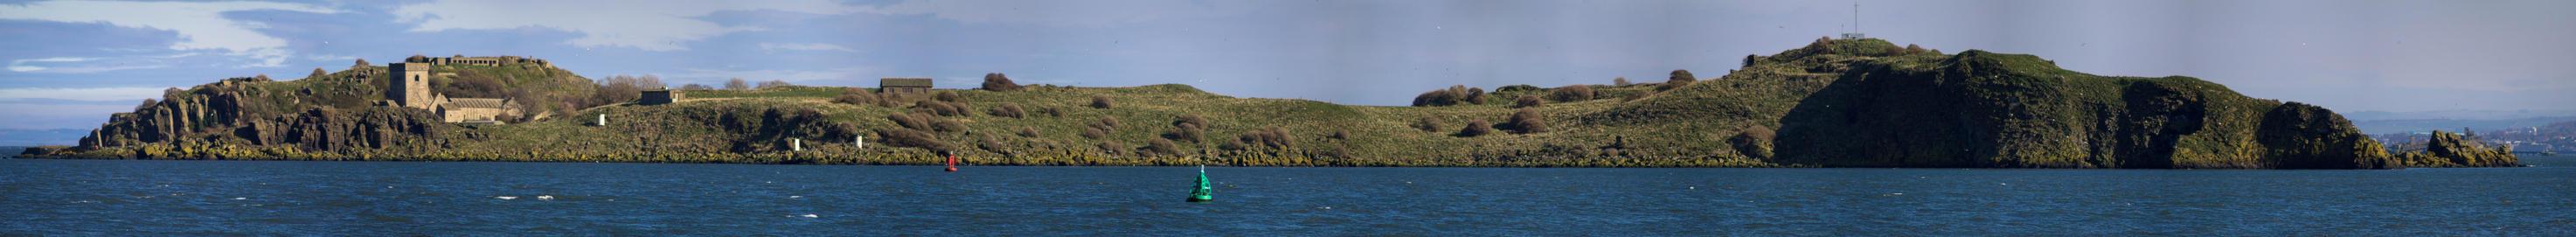 Island Panorama 1 by corvidius